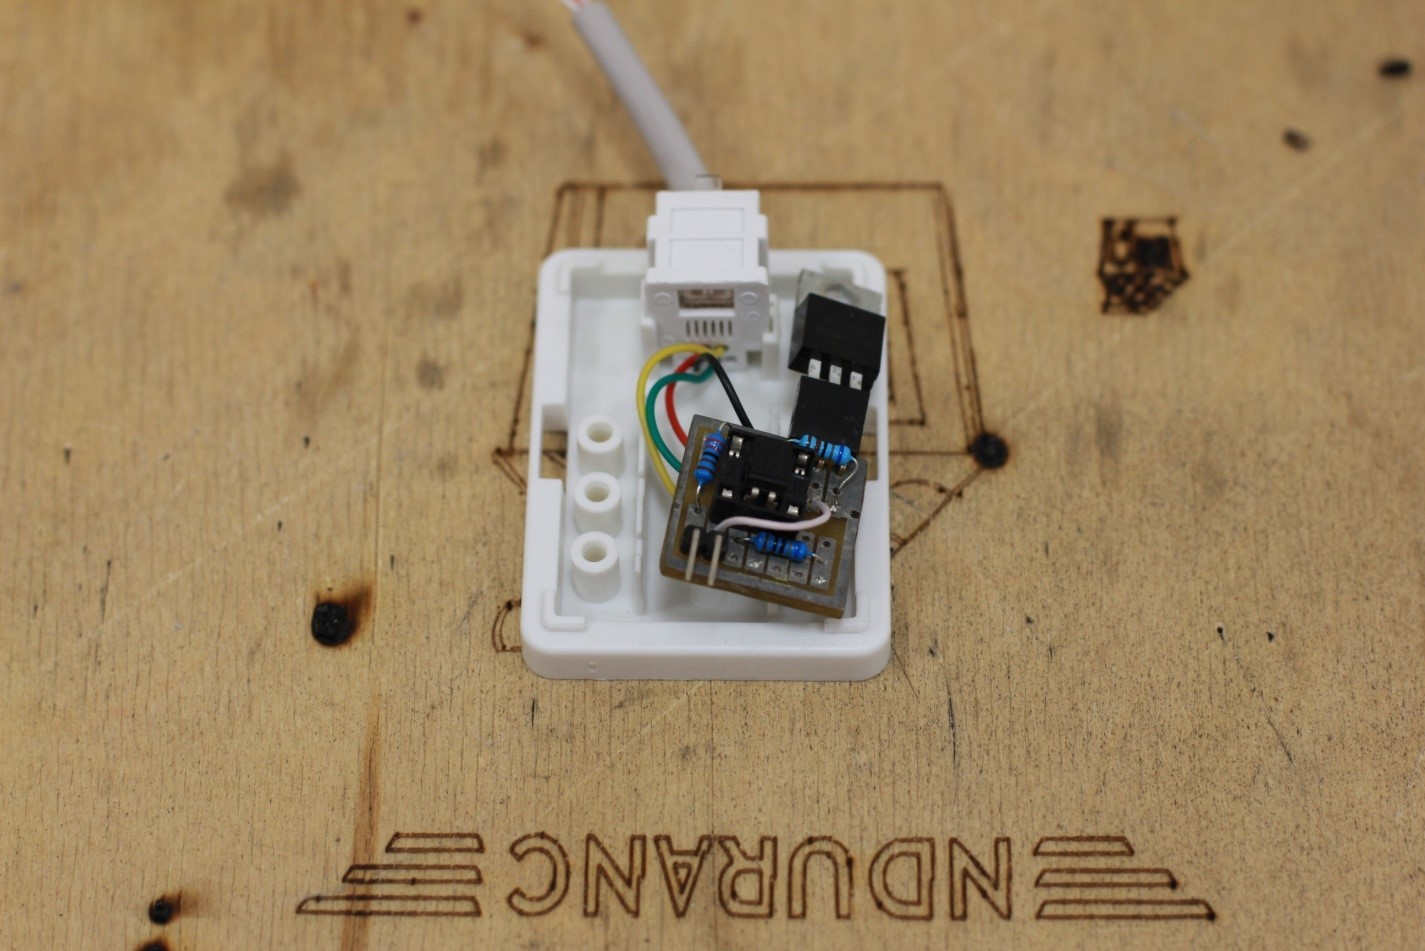 Как подключить полупроводниковый лазер мощностью более 1 Вт (1000 мВт) к 3D-принтеру, ЧПУ станку, координатному столу - 3